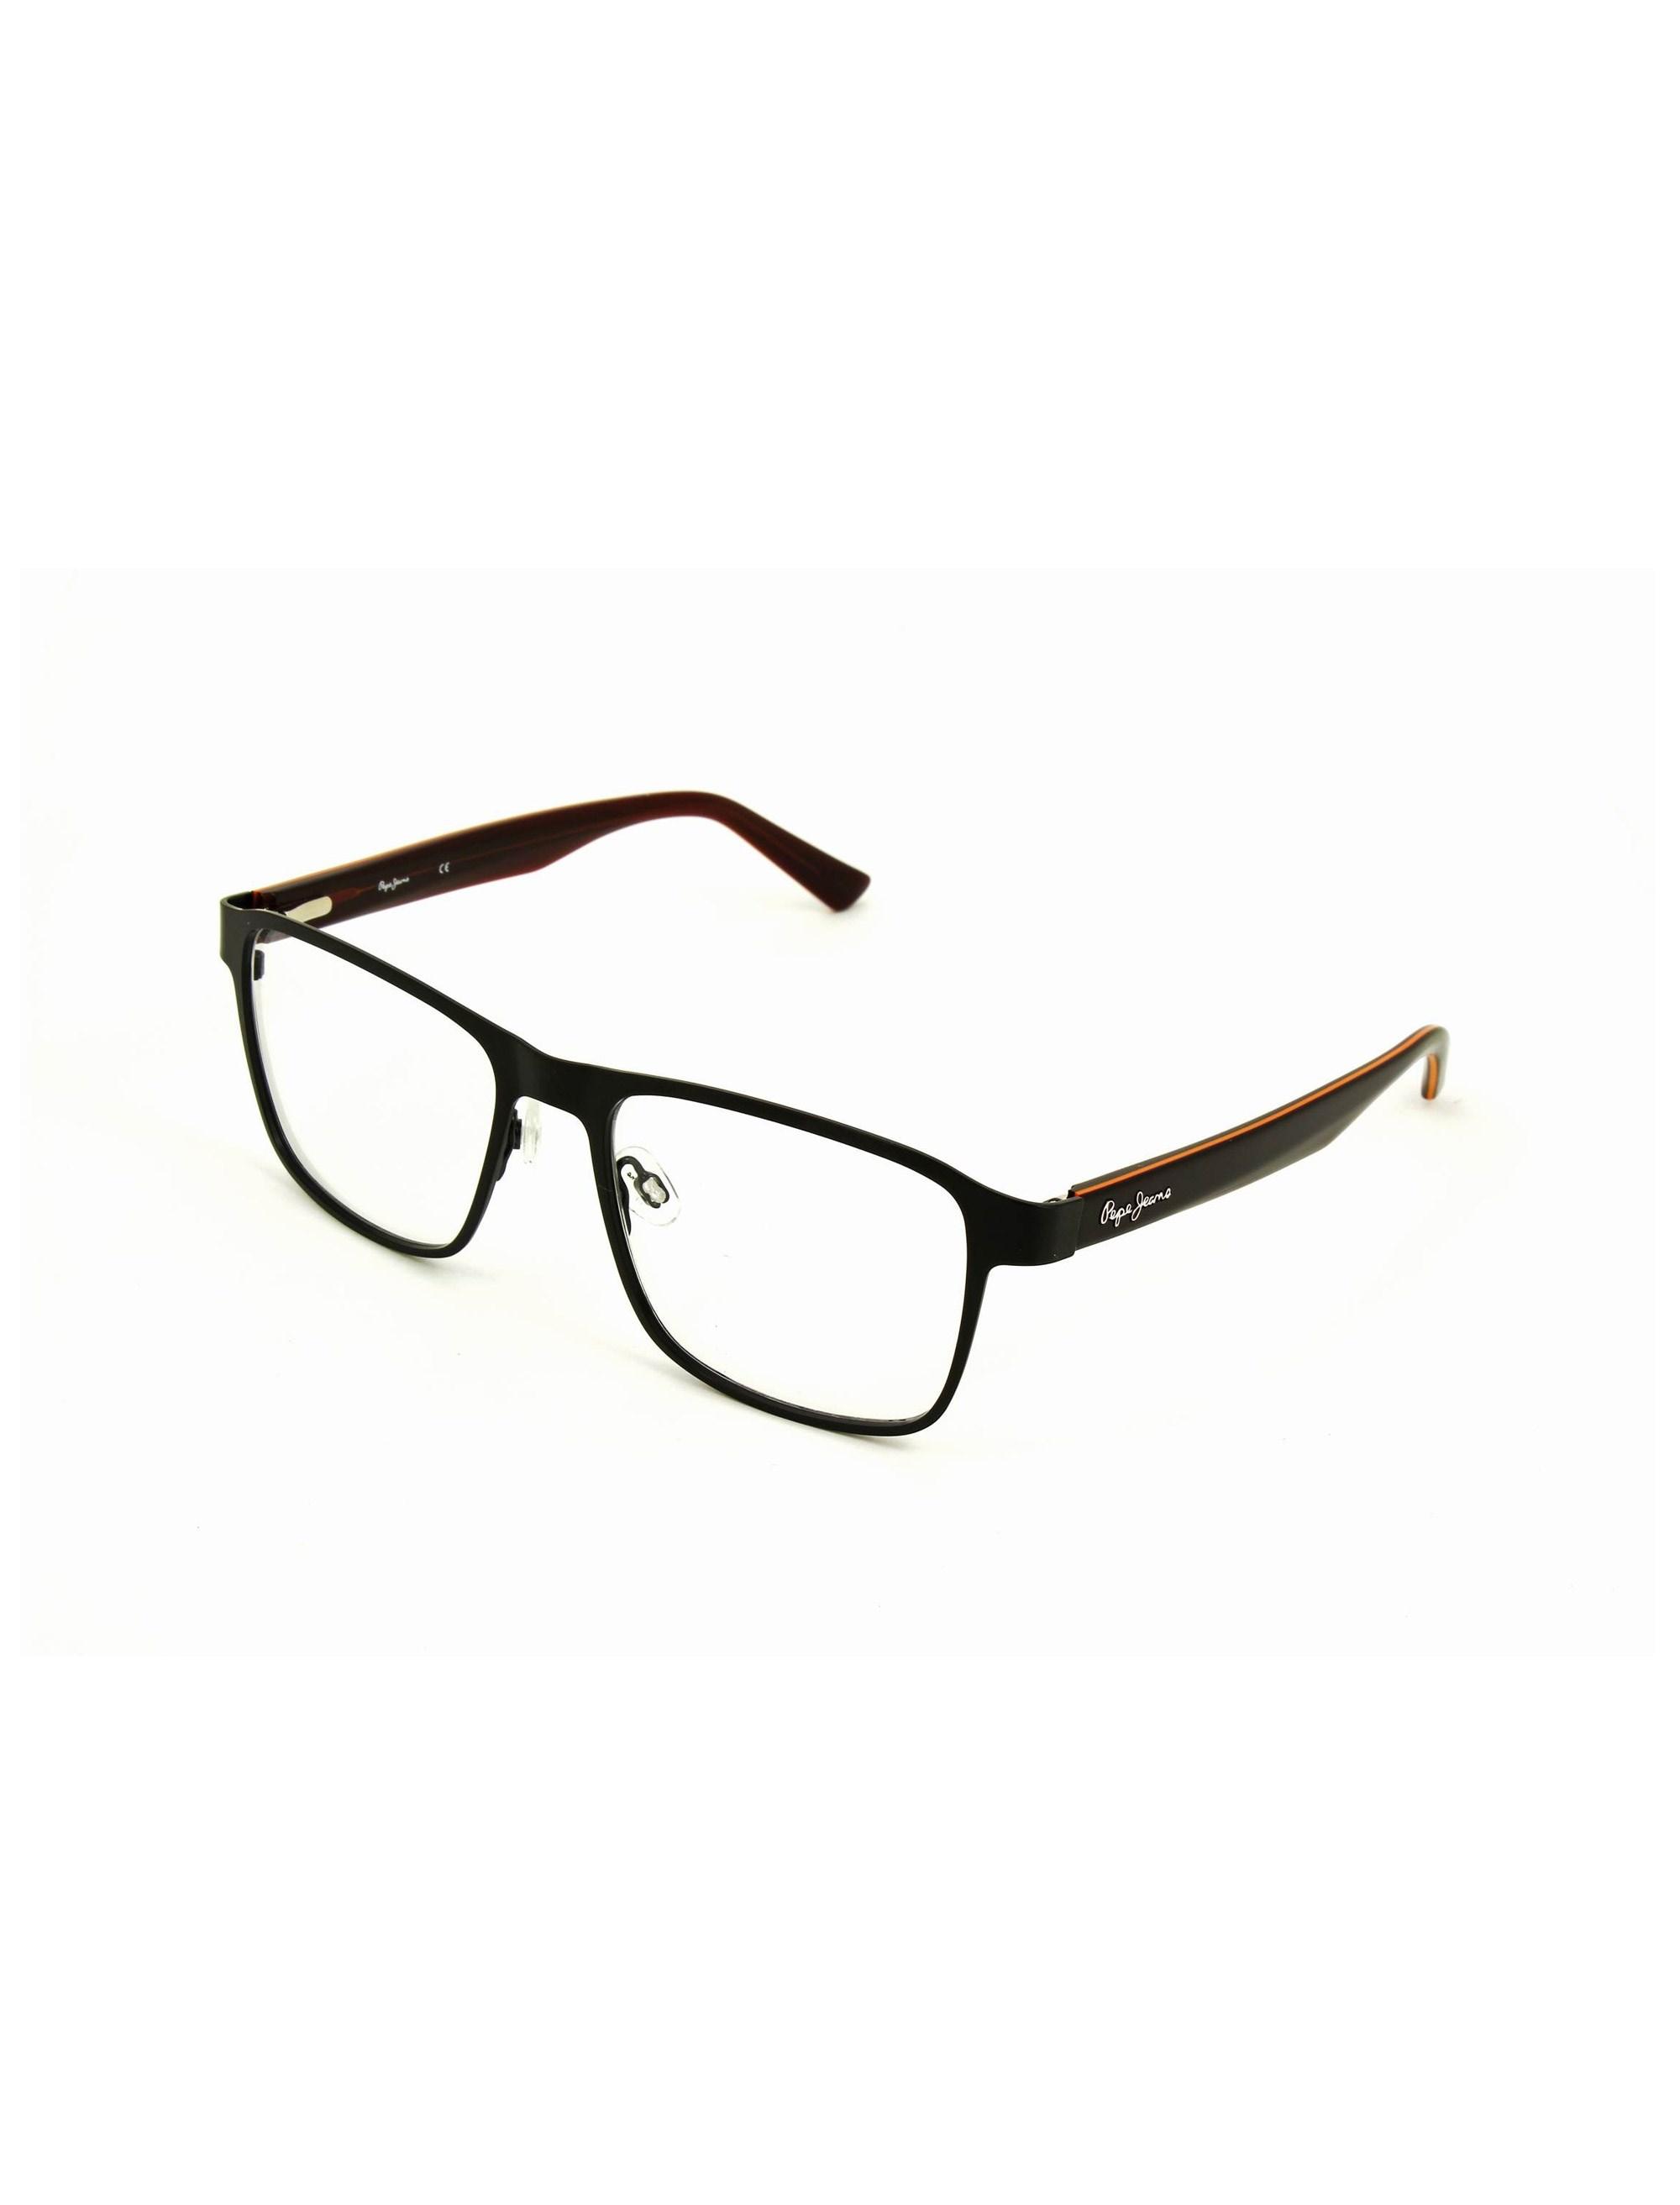 عینک طبی ویفرر مردانه - پپه جینز